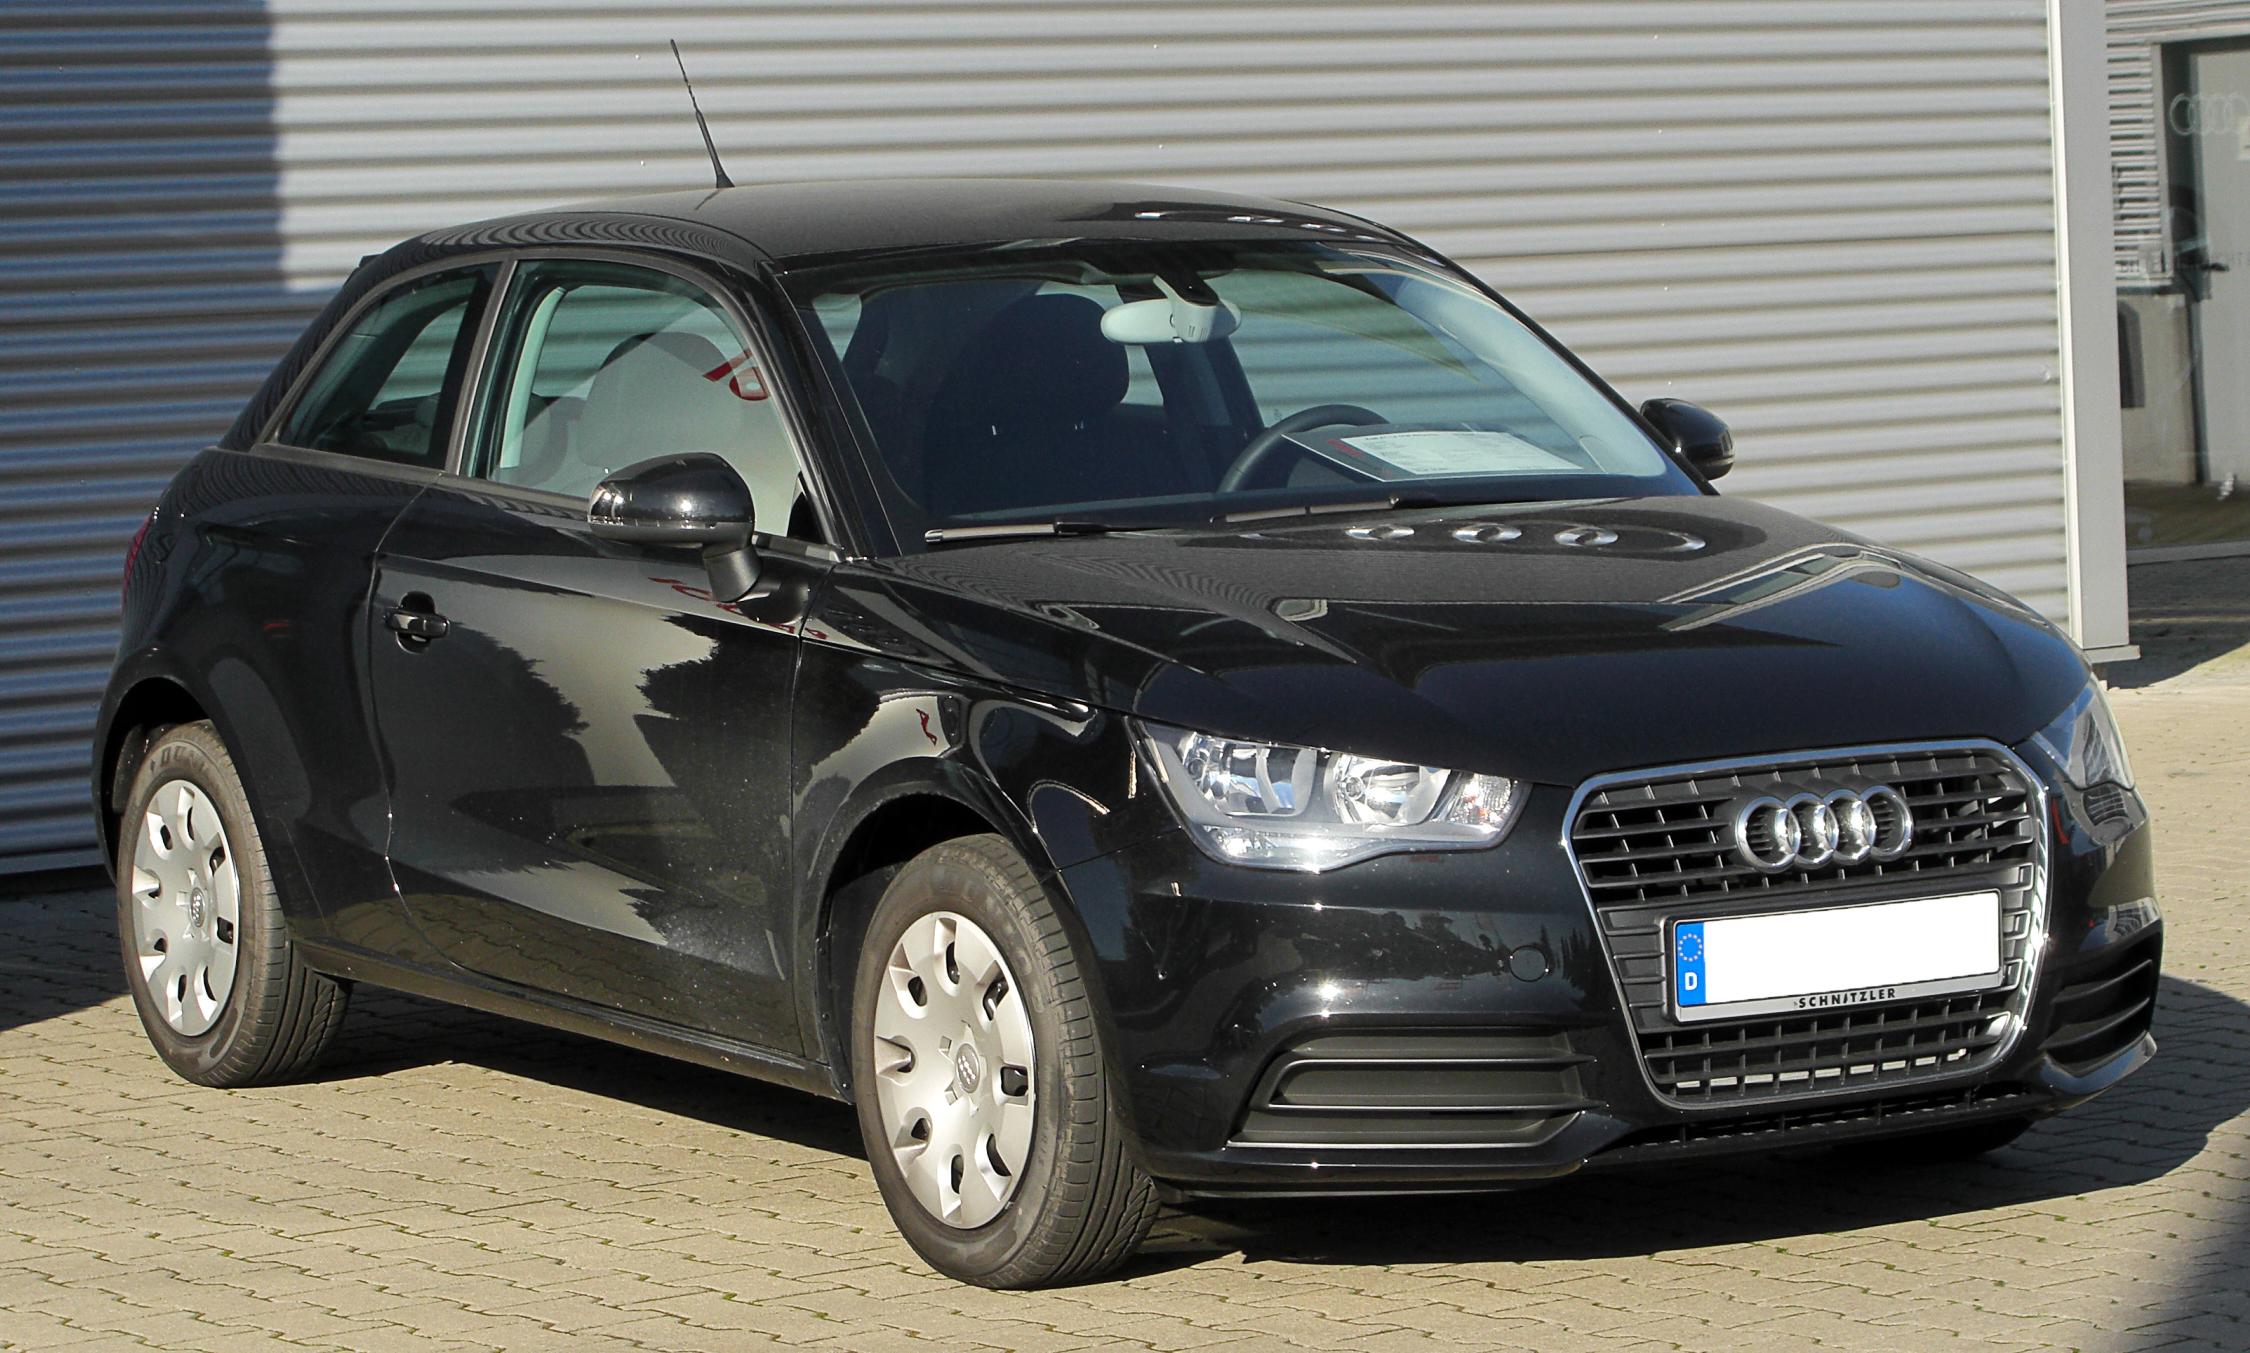 Audi A1 1.2 TFSI technical details, history, photos on ...